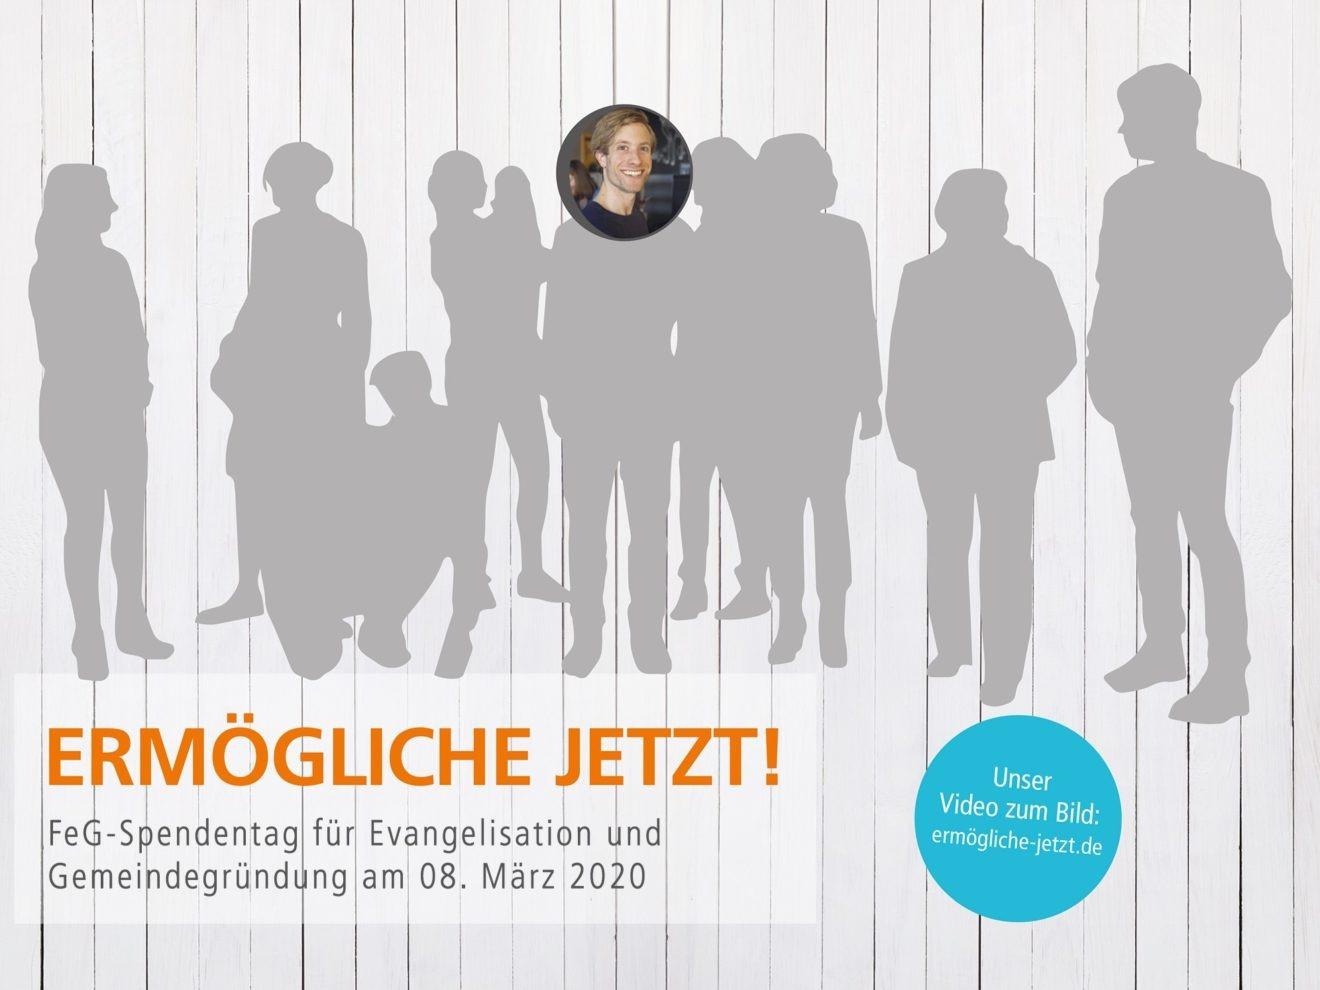 3_FeG-Spendentag für Evangelisation und Gemeindegründung_4zu3